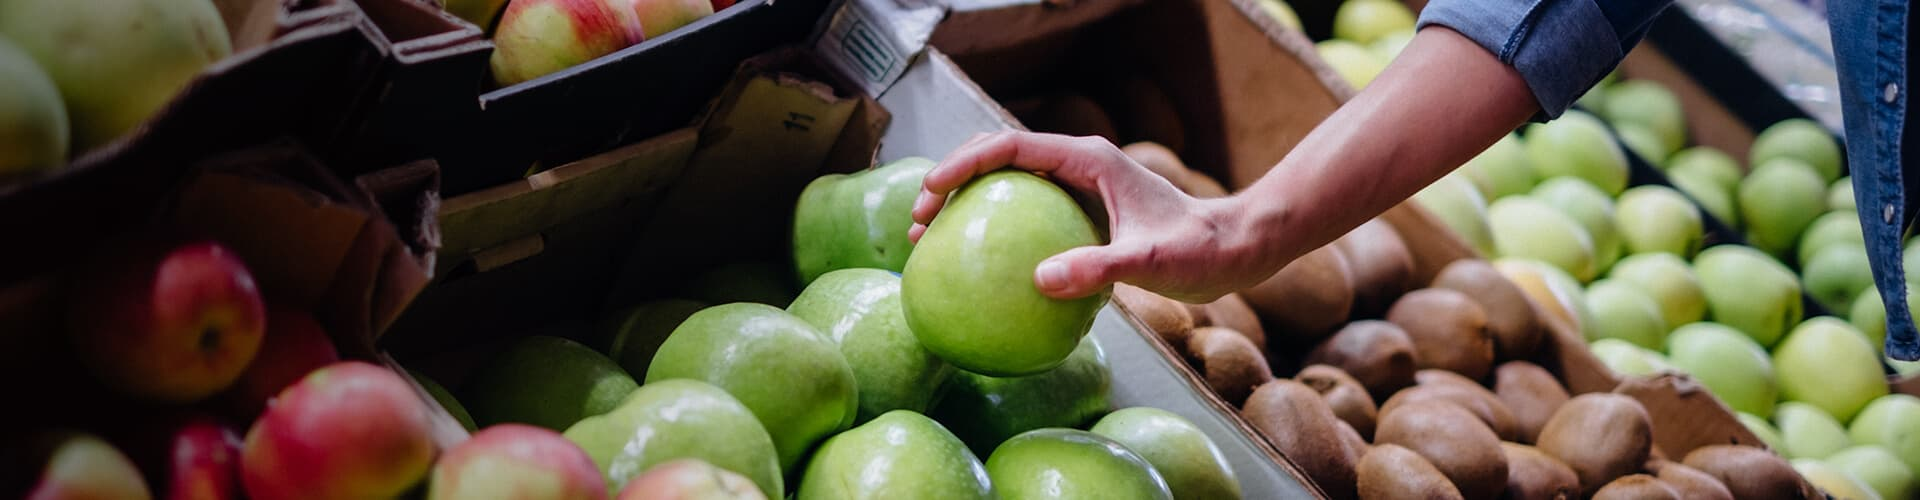 Lideres Fruta y verdura